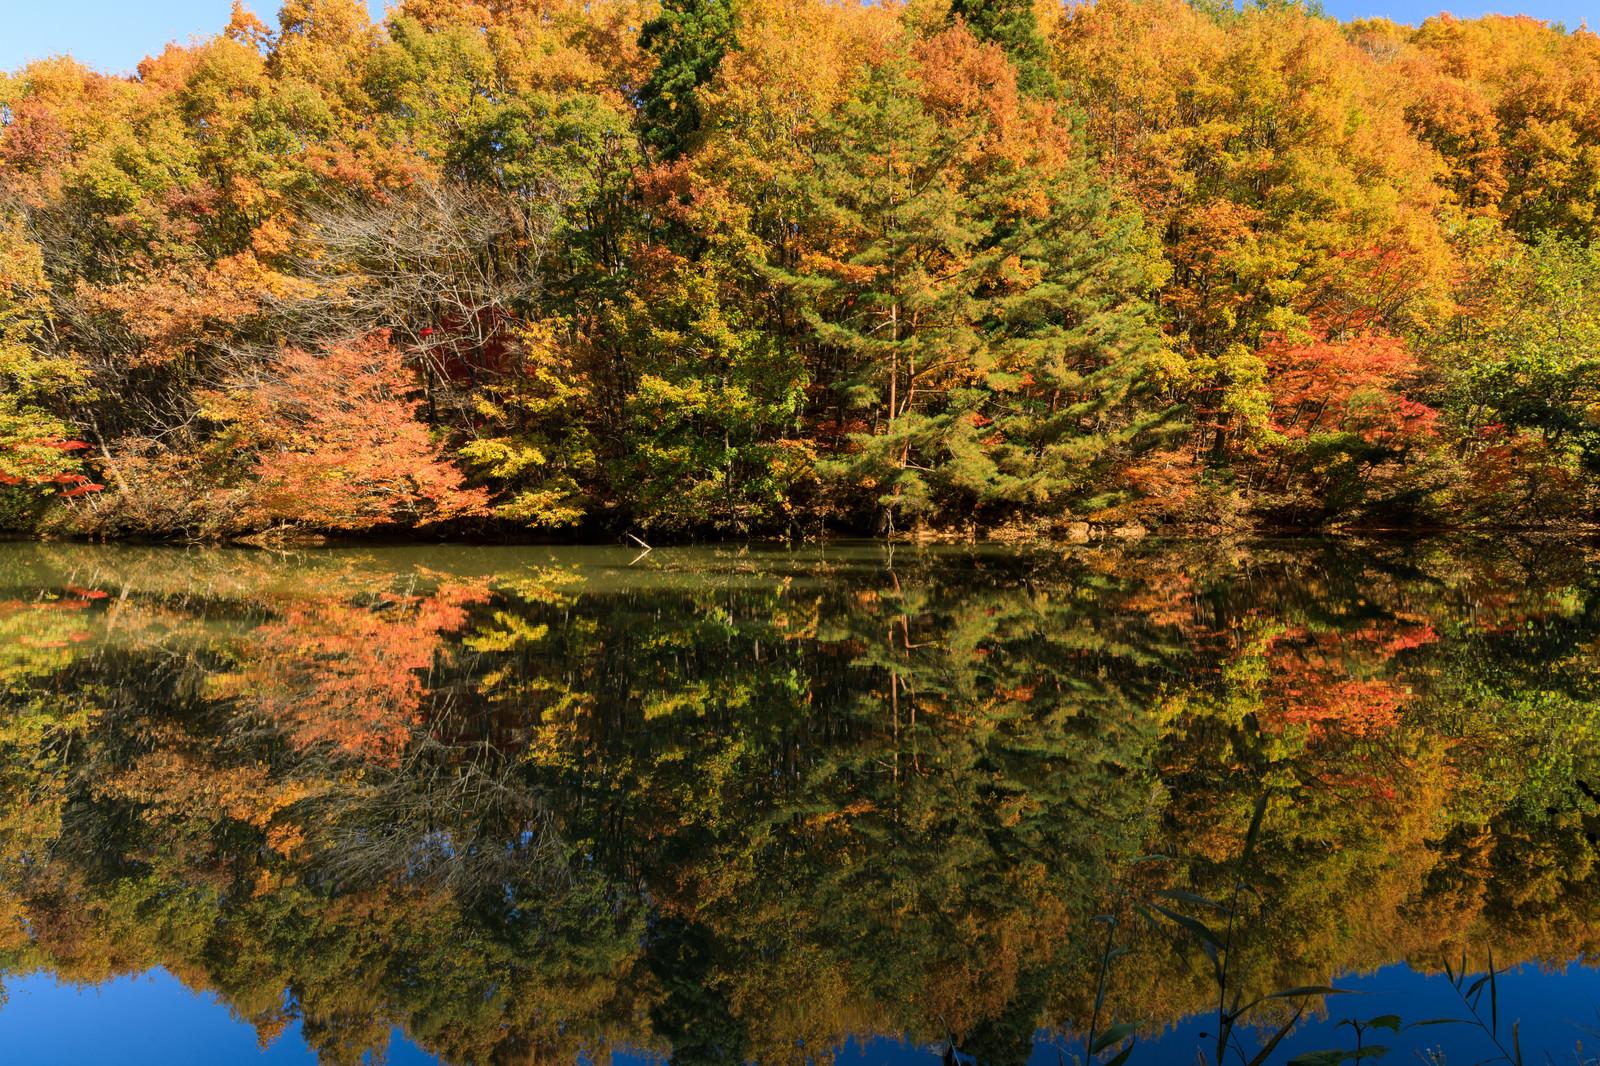 「湖面に反射する紅葉した木々のリフレクション」の写真